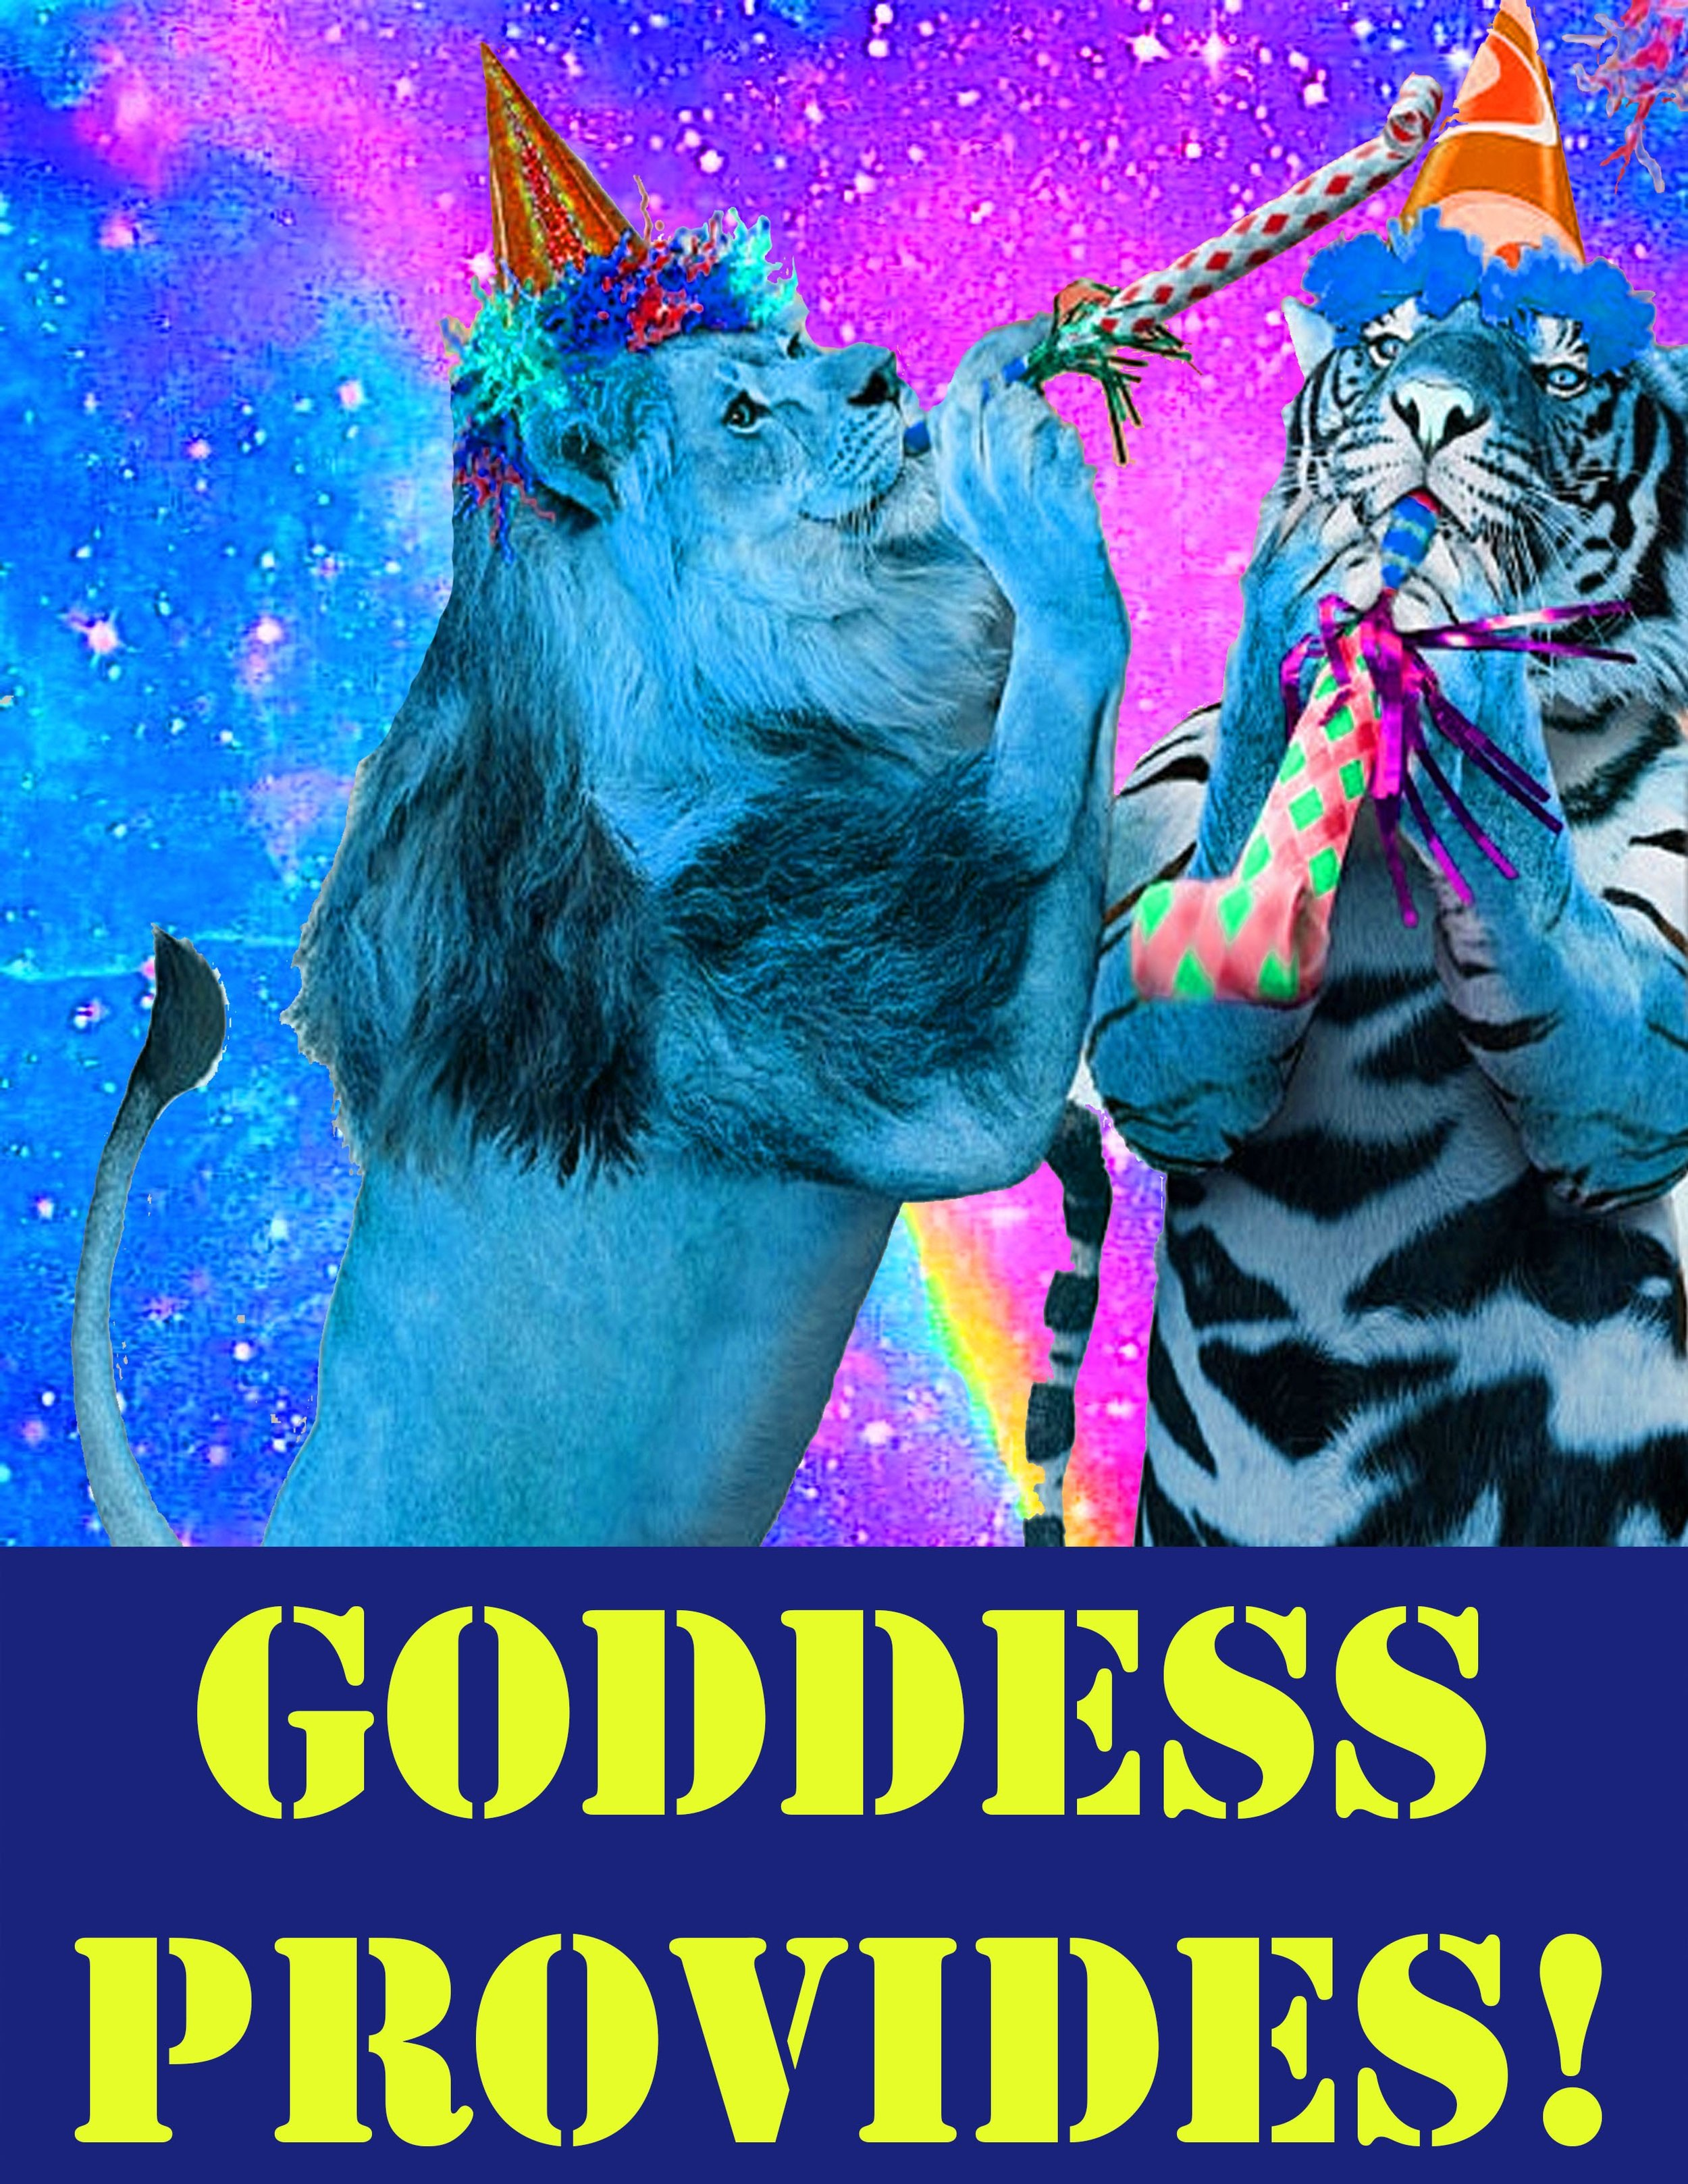 goddessprovides.jpg